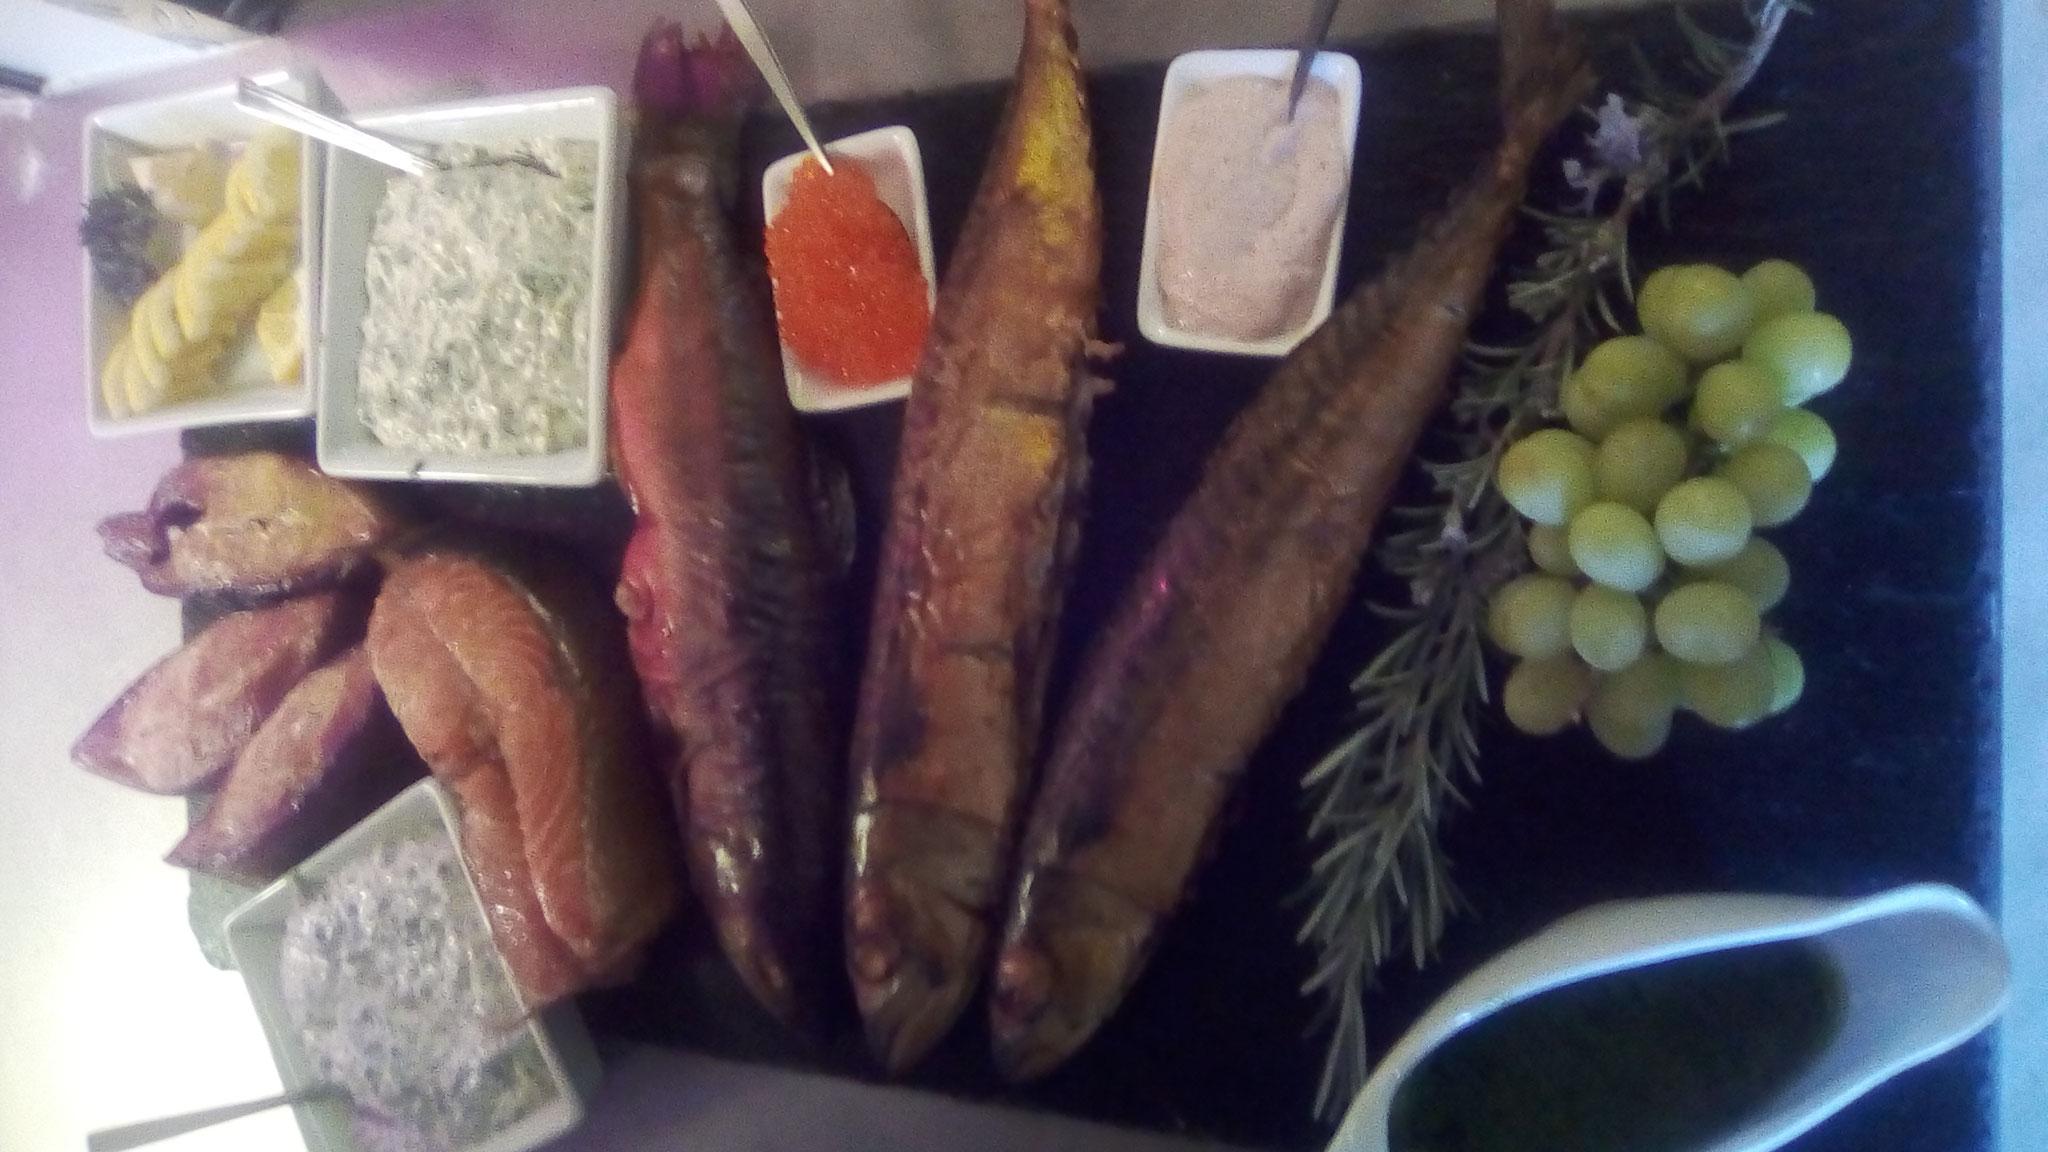 haugeräucherter Fisch